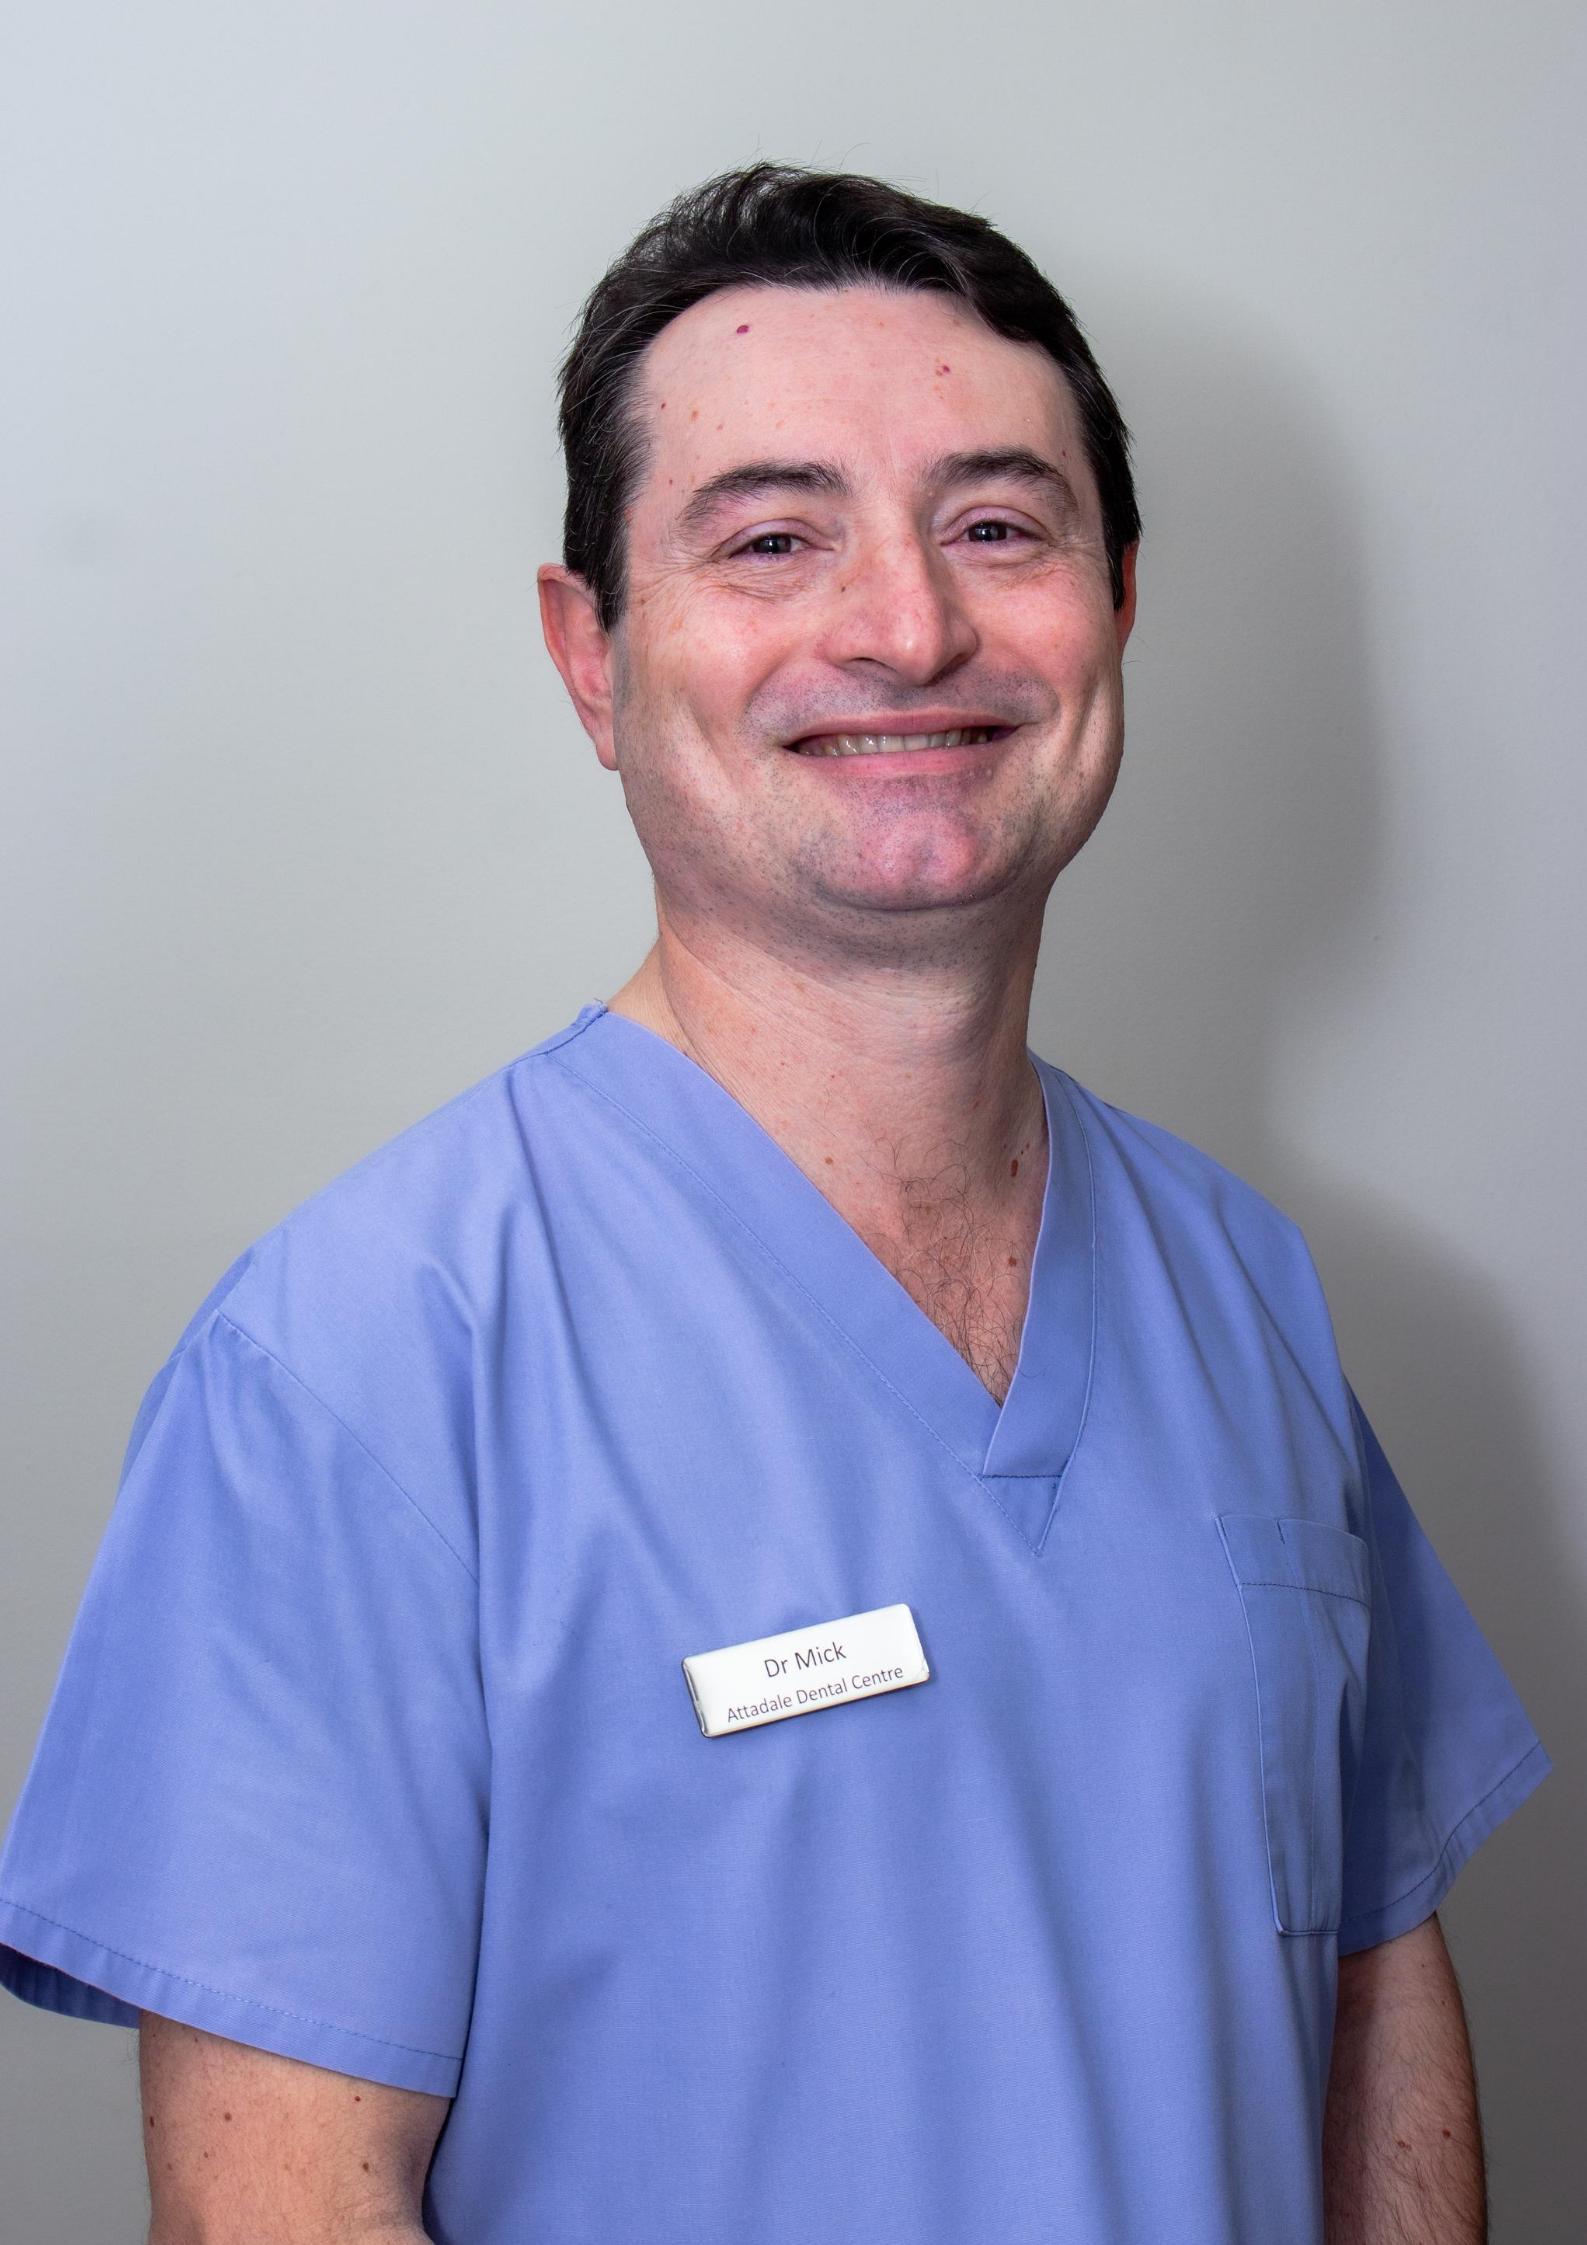 Dr. Mick Kostadinovic